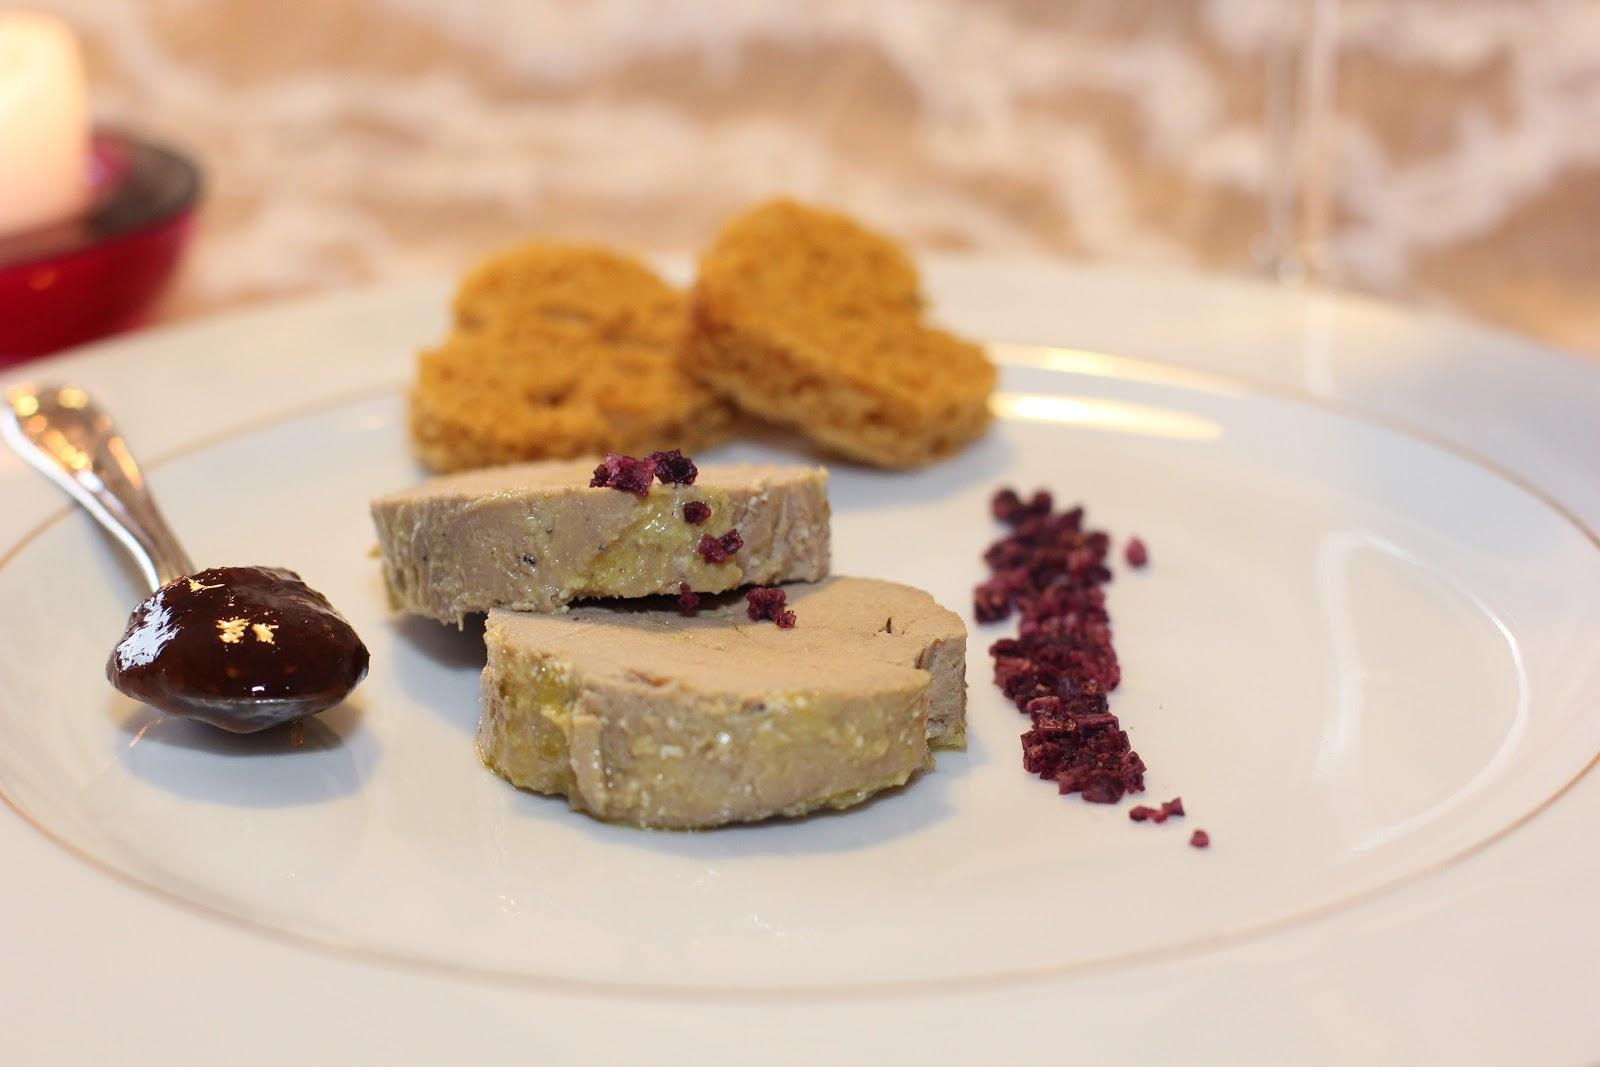 des recettes de desserts originaux le foie gras pour un. Black Bedroom Furniture Sets. Home Design Ideas